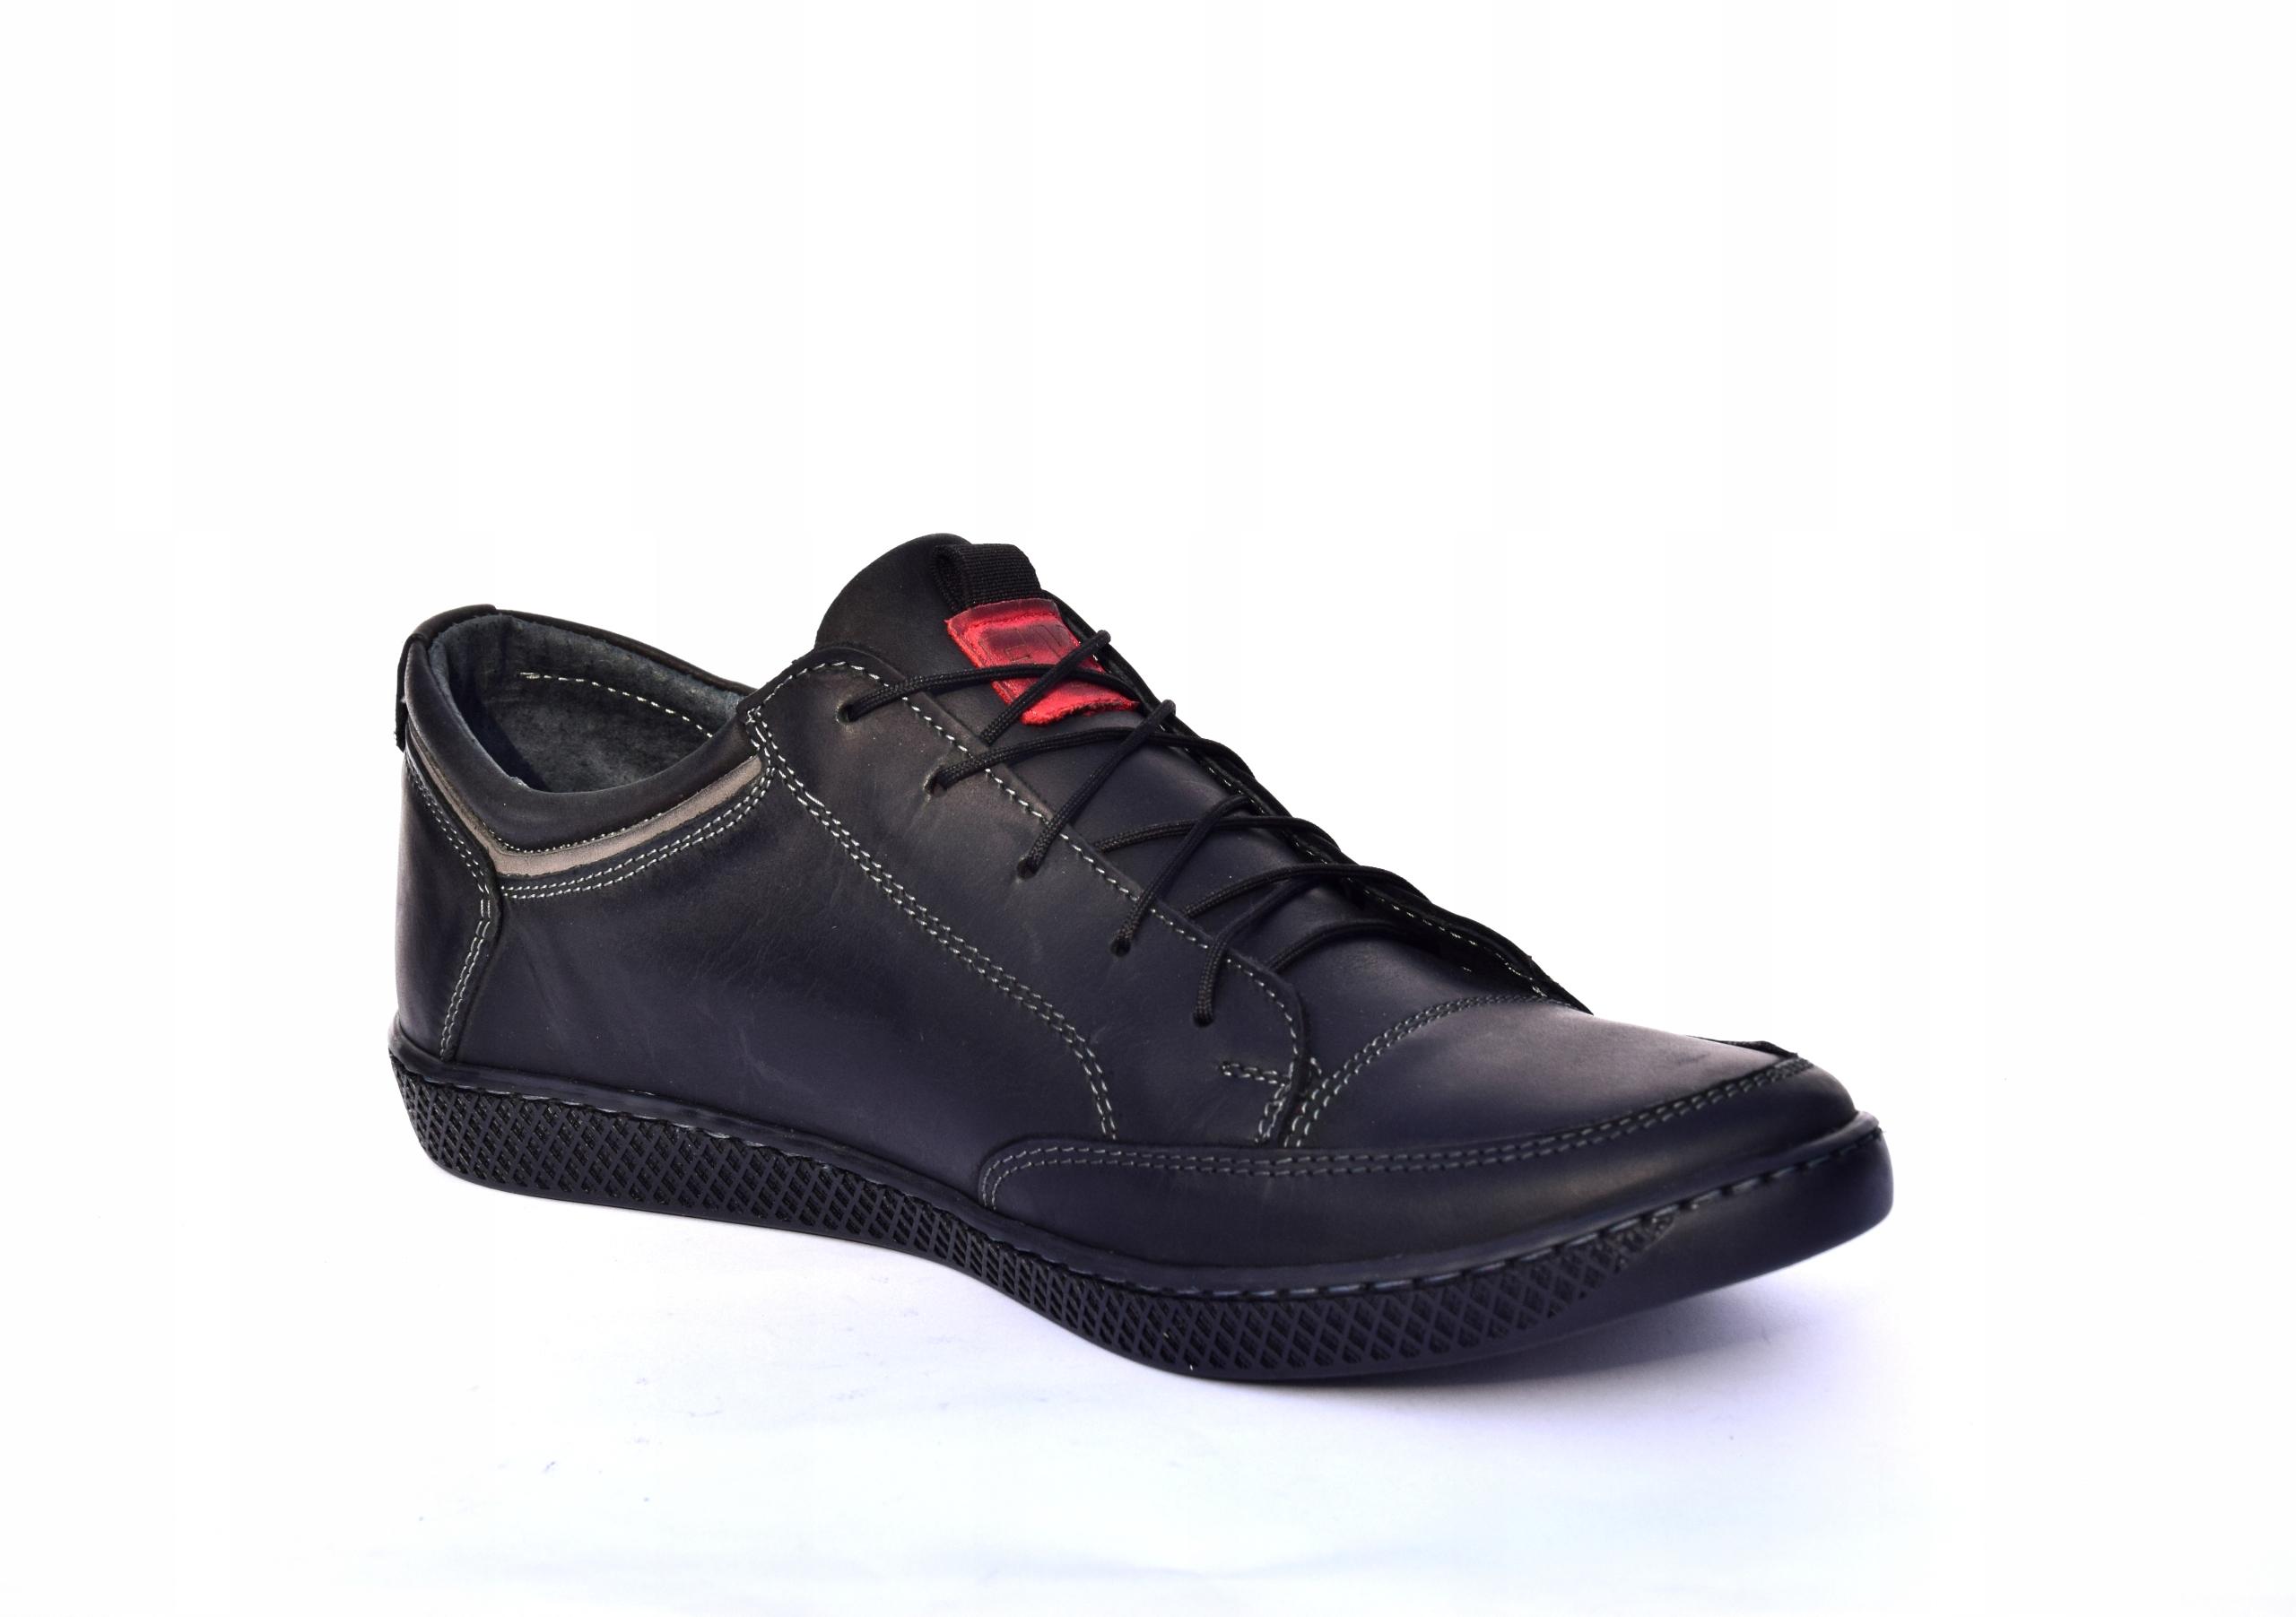 Półbuty sznurowane skórzane obuwie polskie 0447 Długość wkładki 27.3 cm